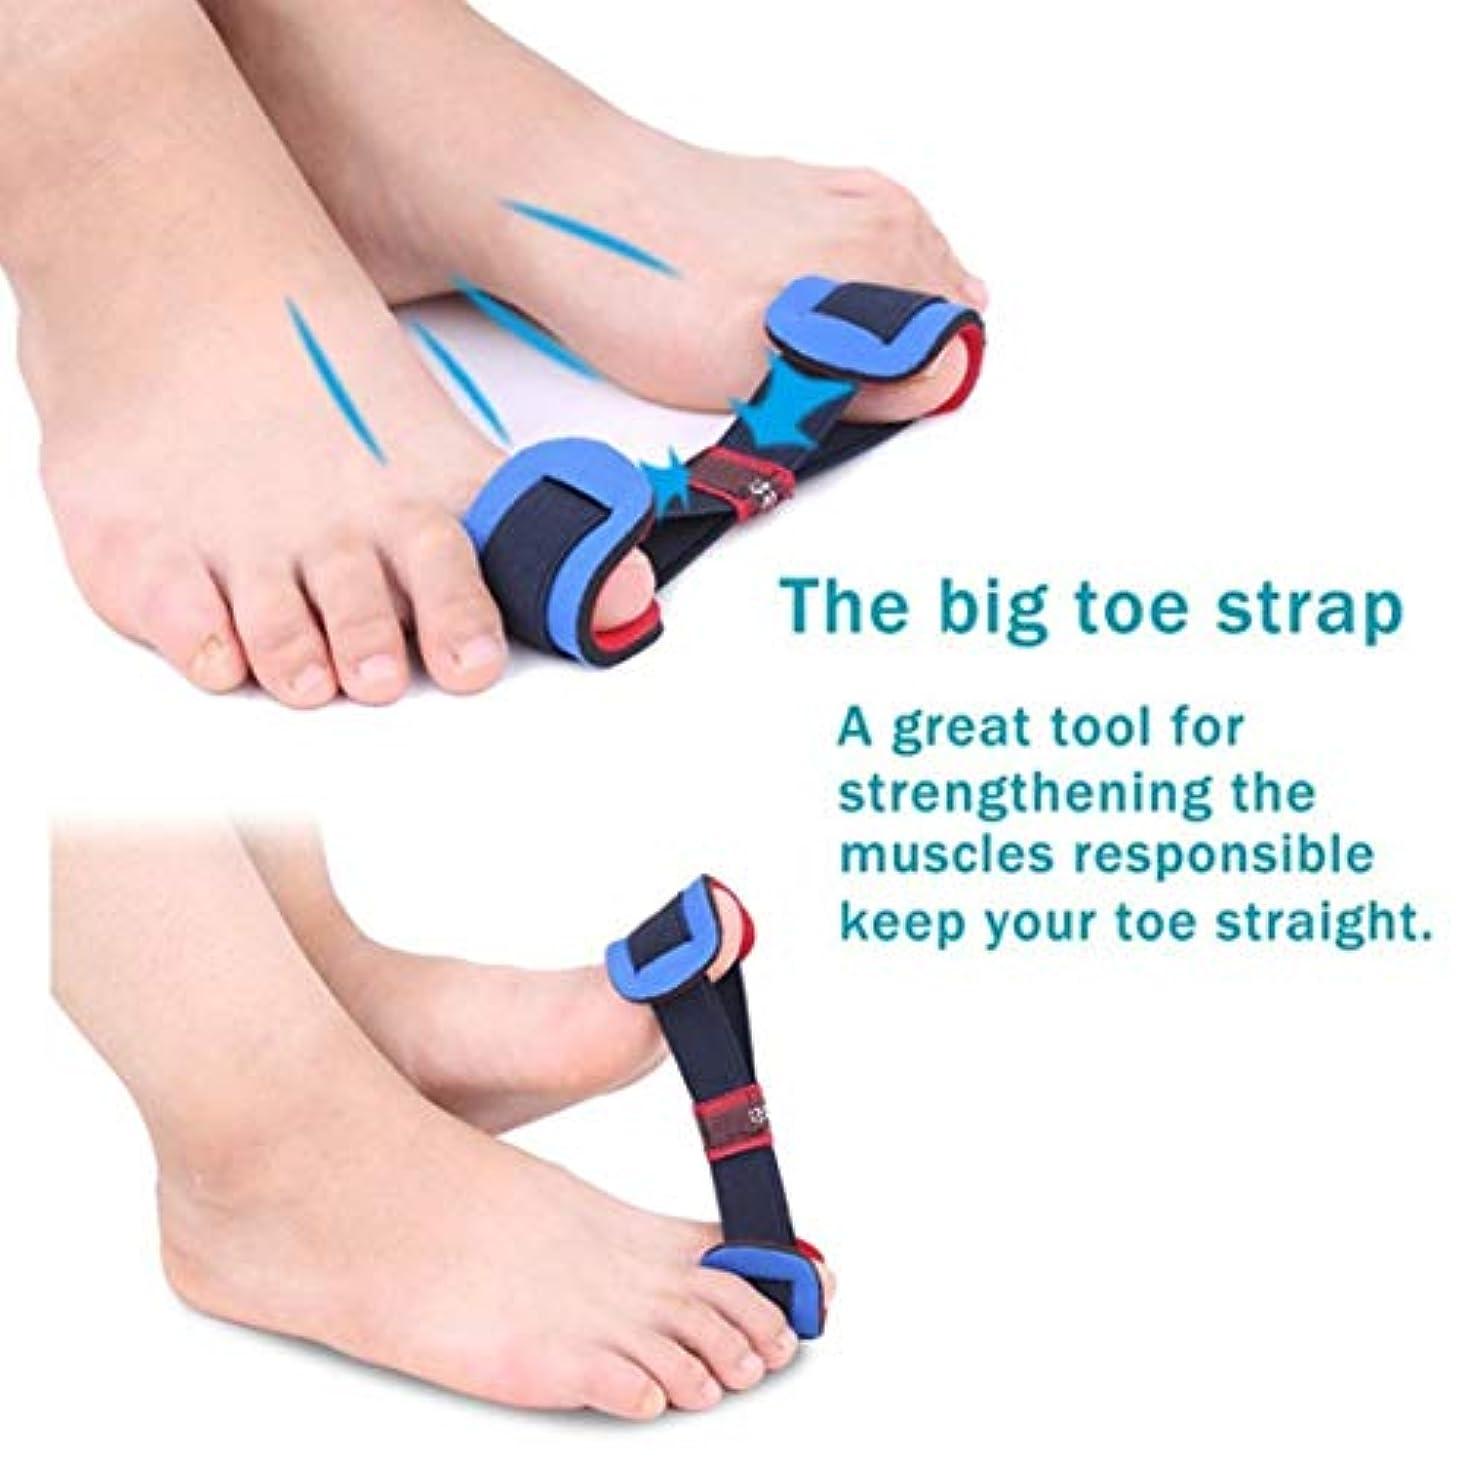 お手入れ最も遠い行進7ピース/セットバニオンスリーブ外反母趾矯正矯正つま先セパレーター中足副子矯正疼痛緩和フットケアツール